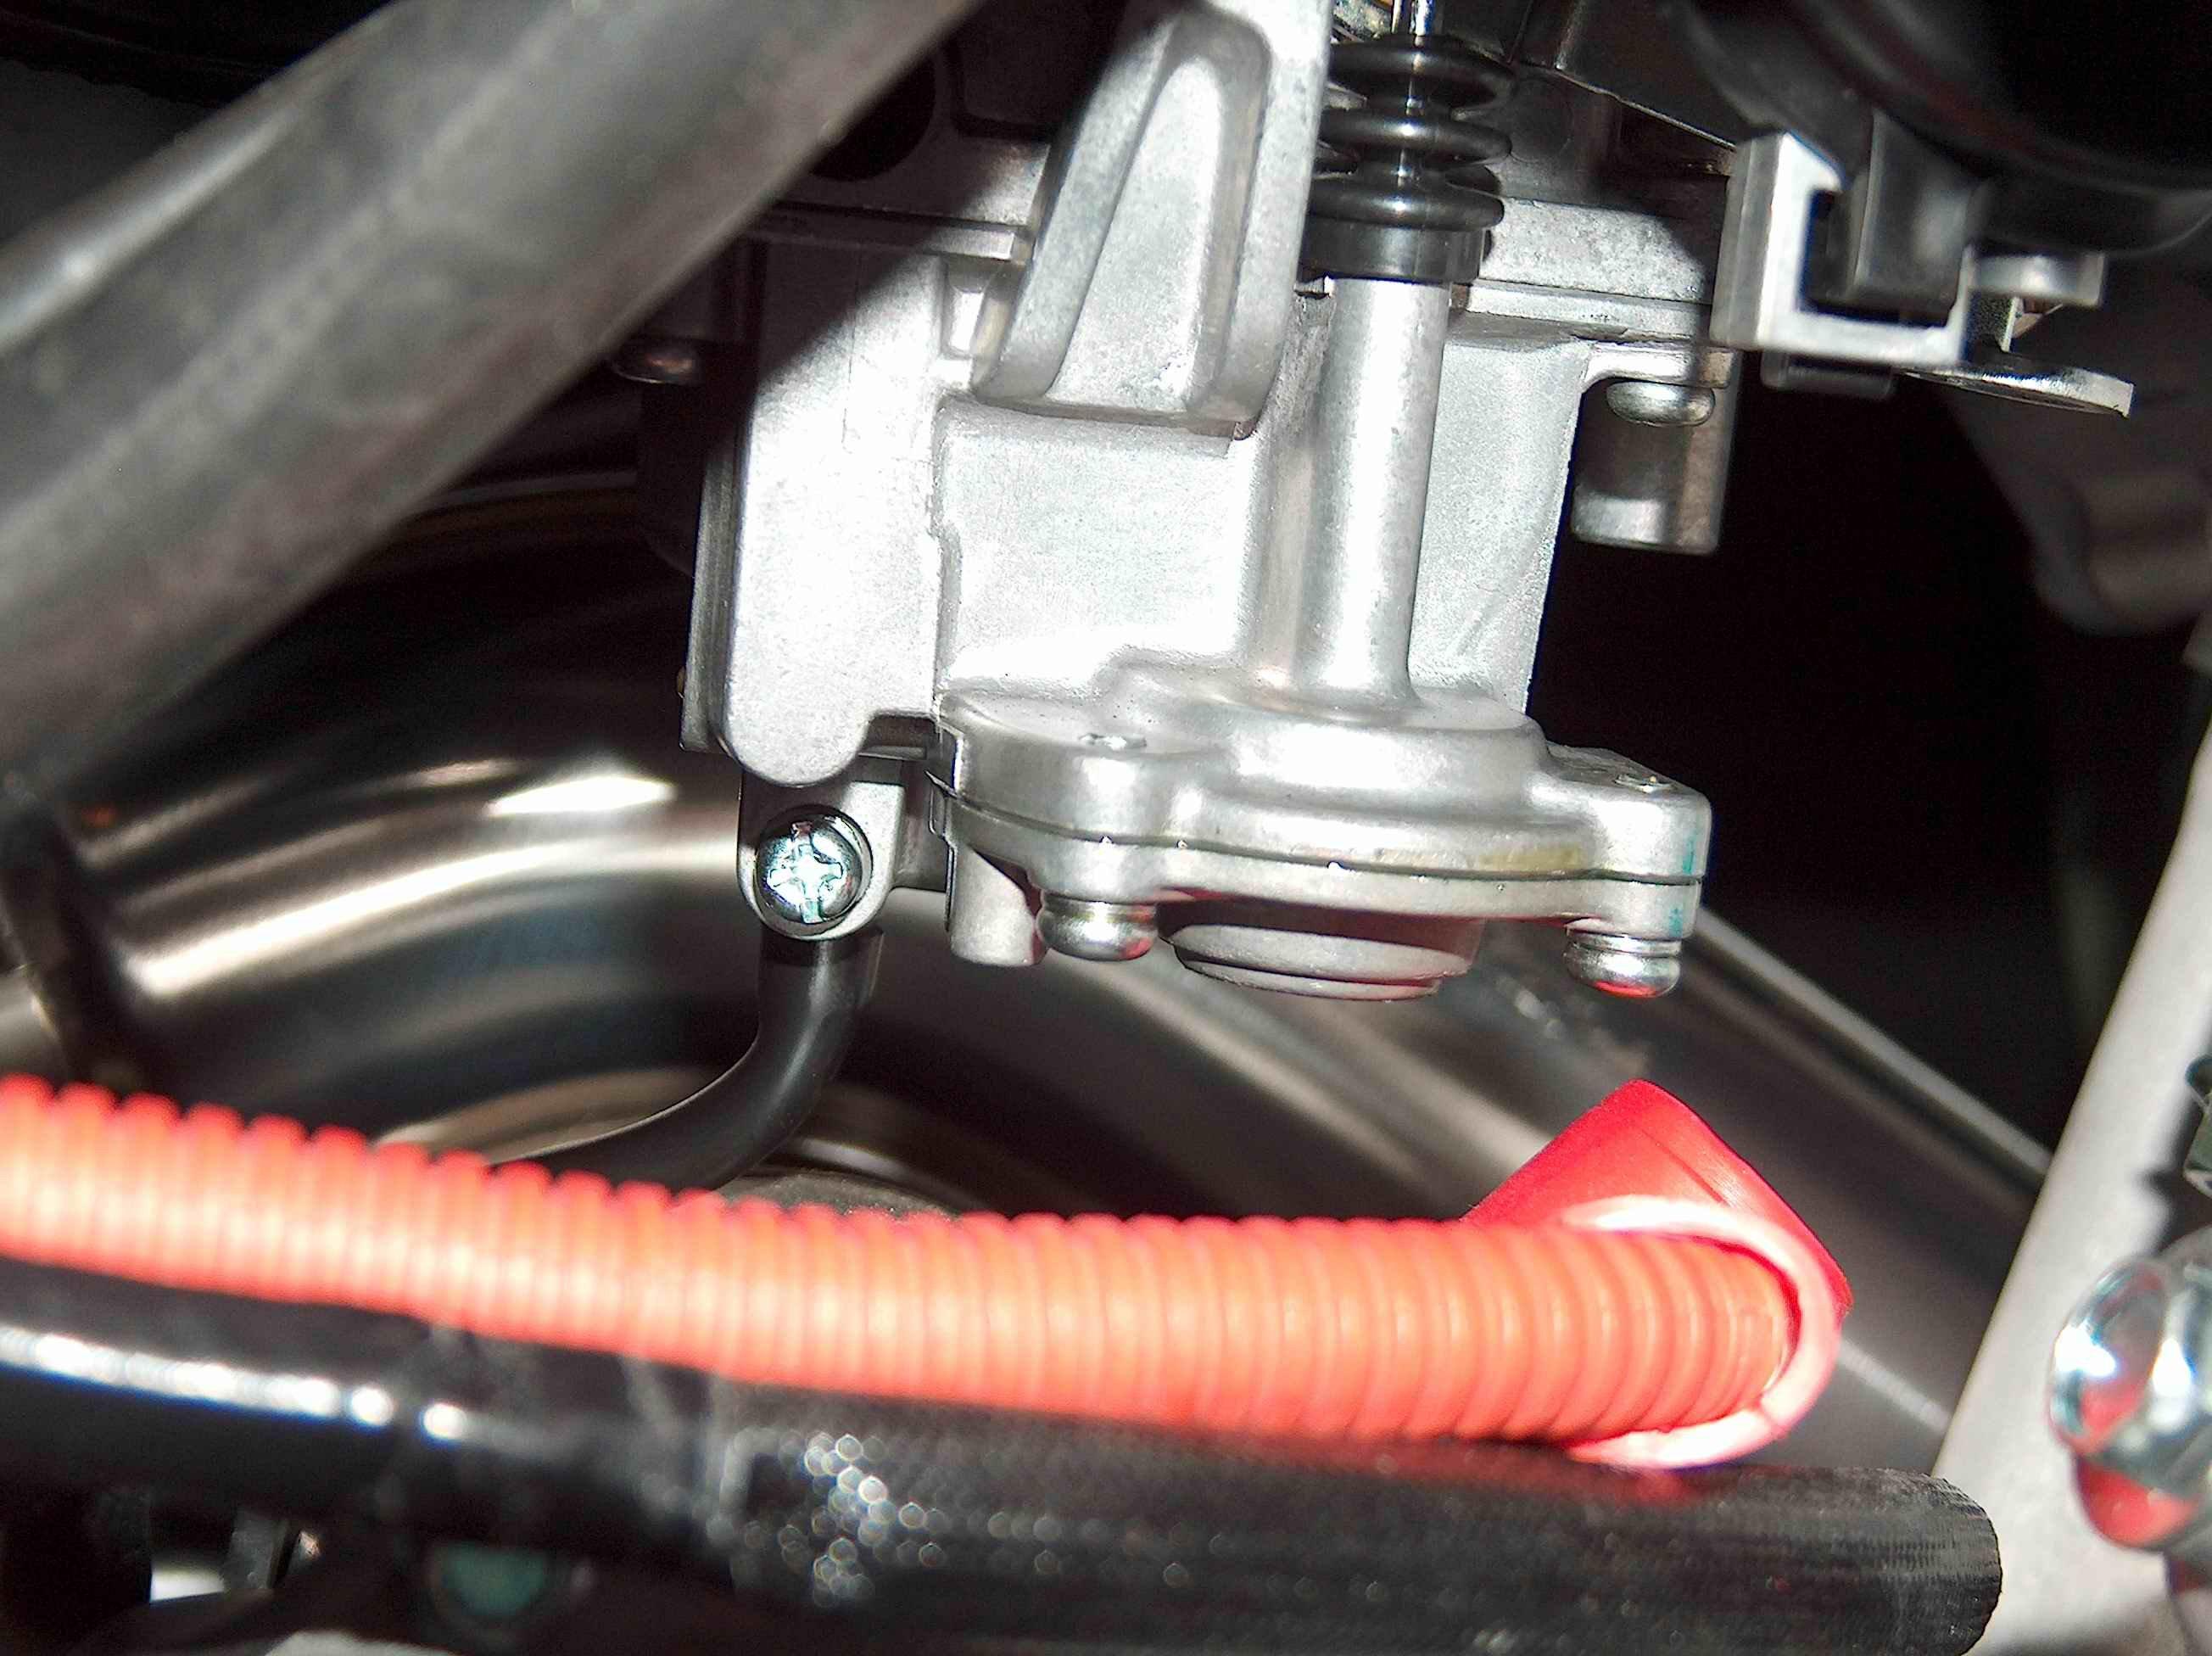 D Float Bowl Drain Leak Cvcarbdrain on Car Carburetor Diagram